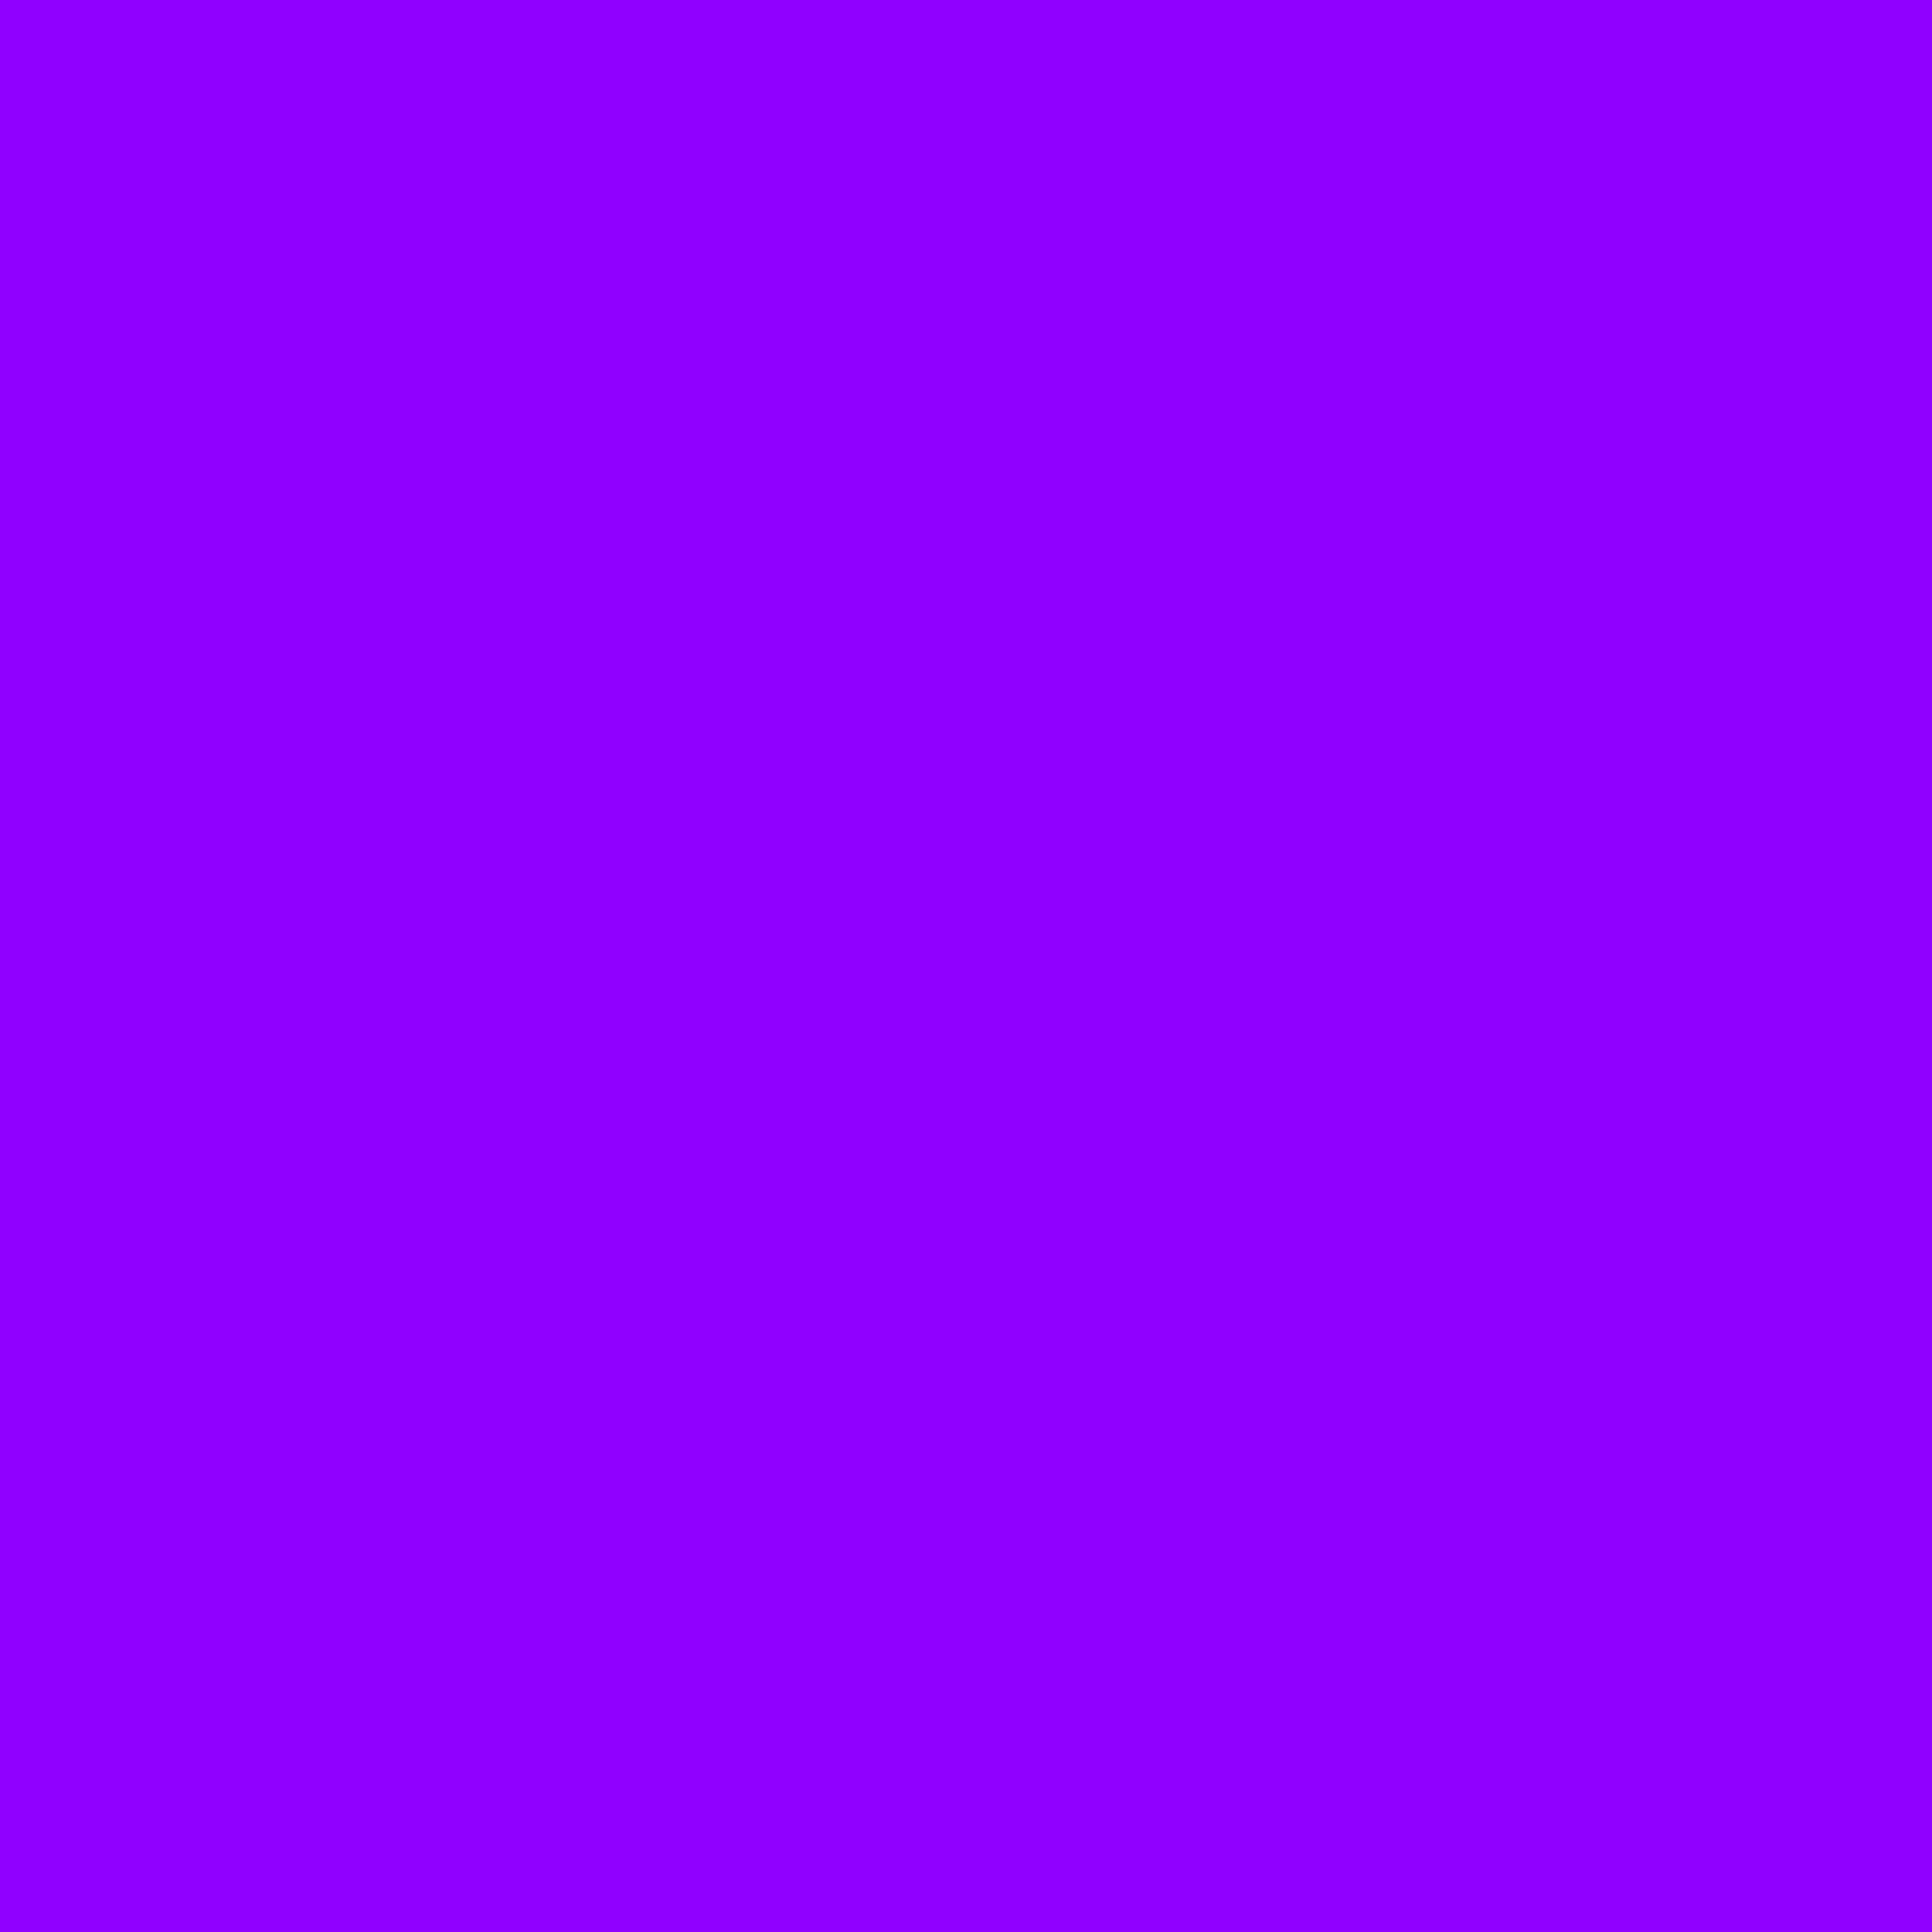 2048x2048 Violet Solid Color Background